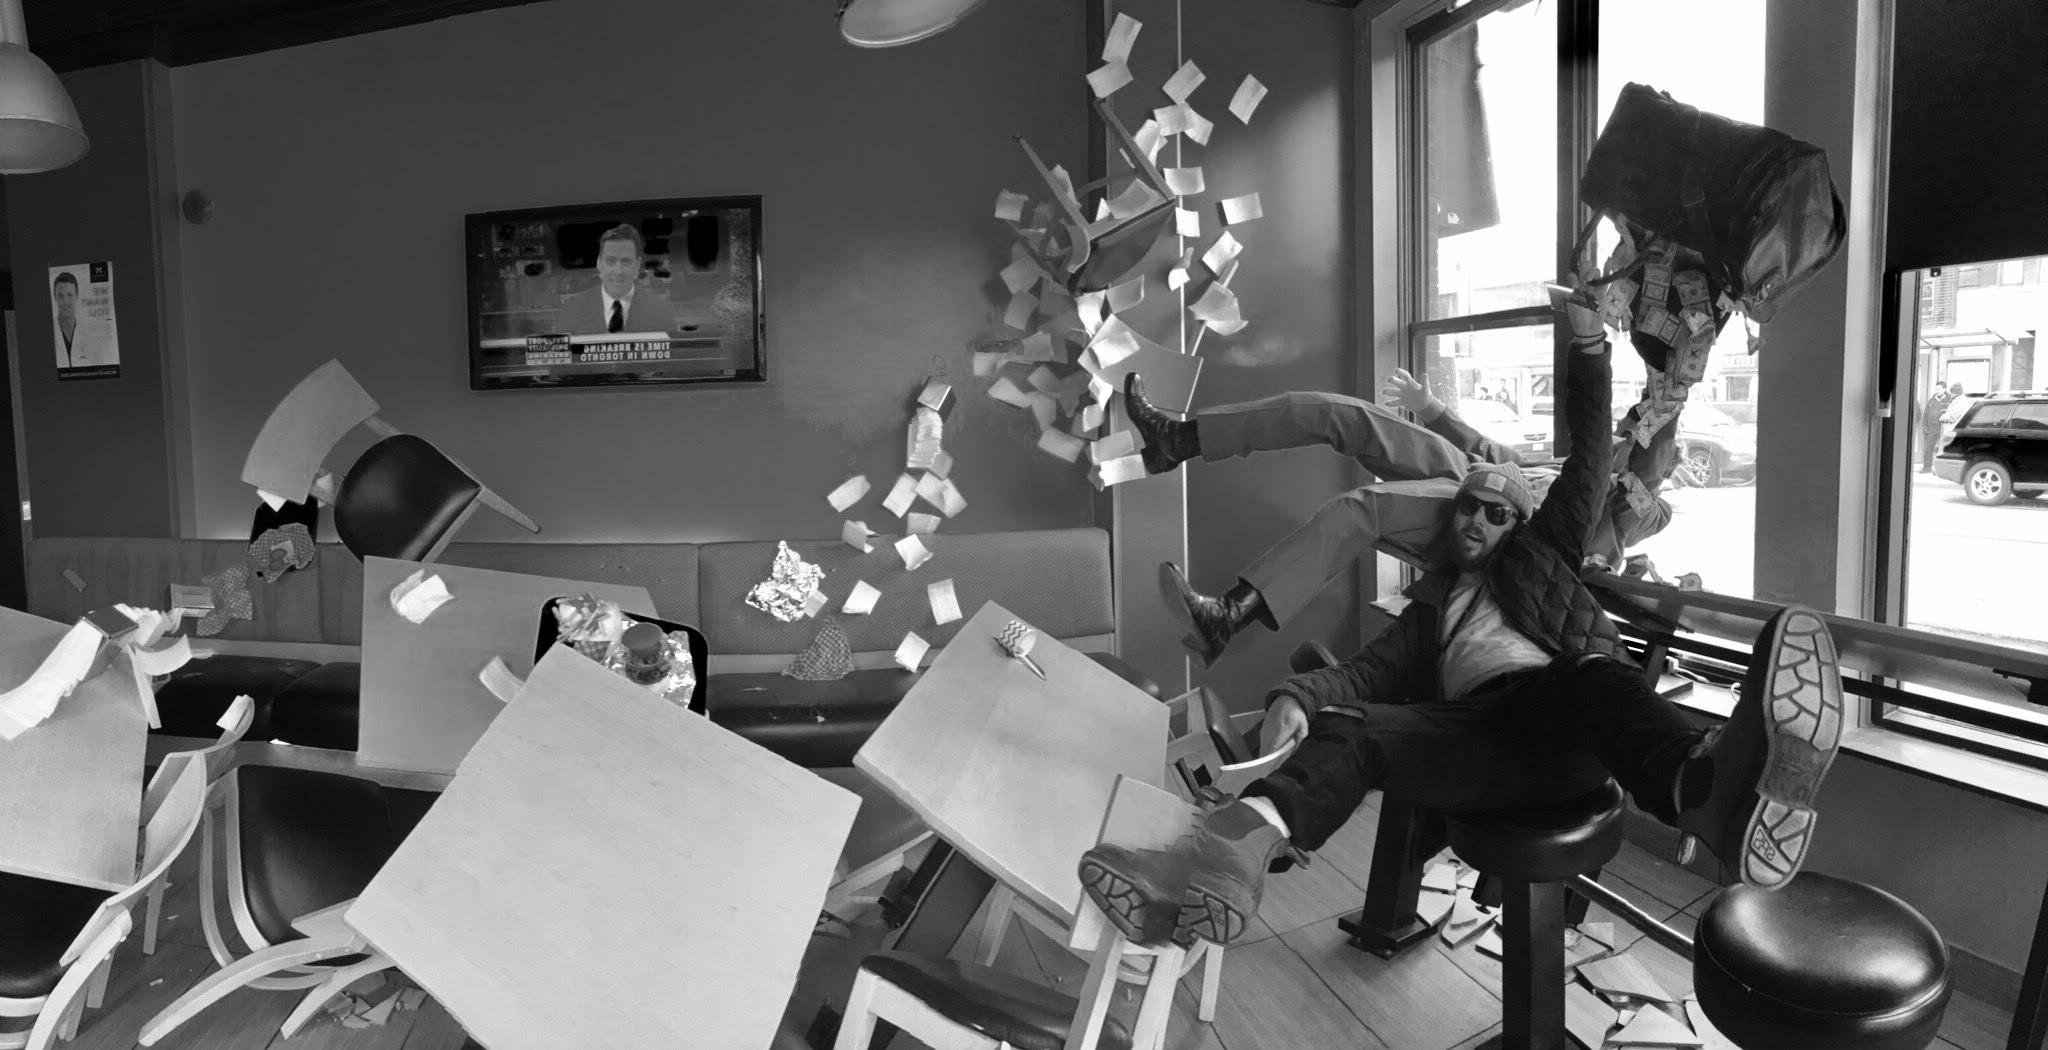 Graham Beasley film maker based in Toronto. -